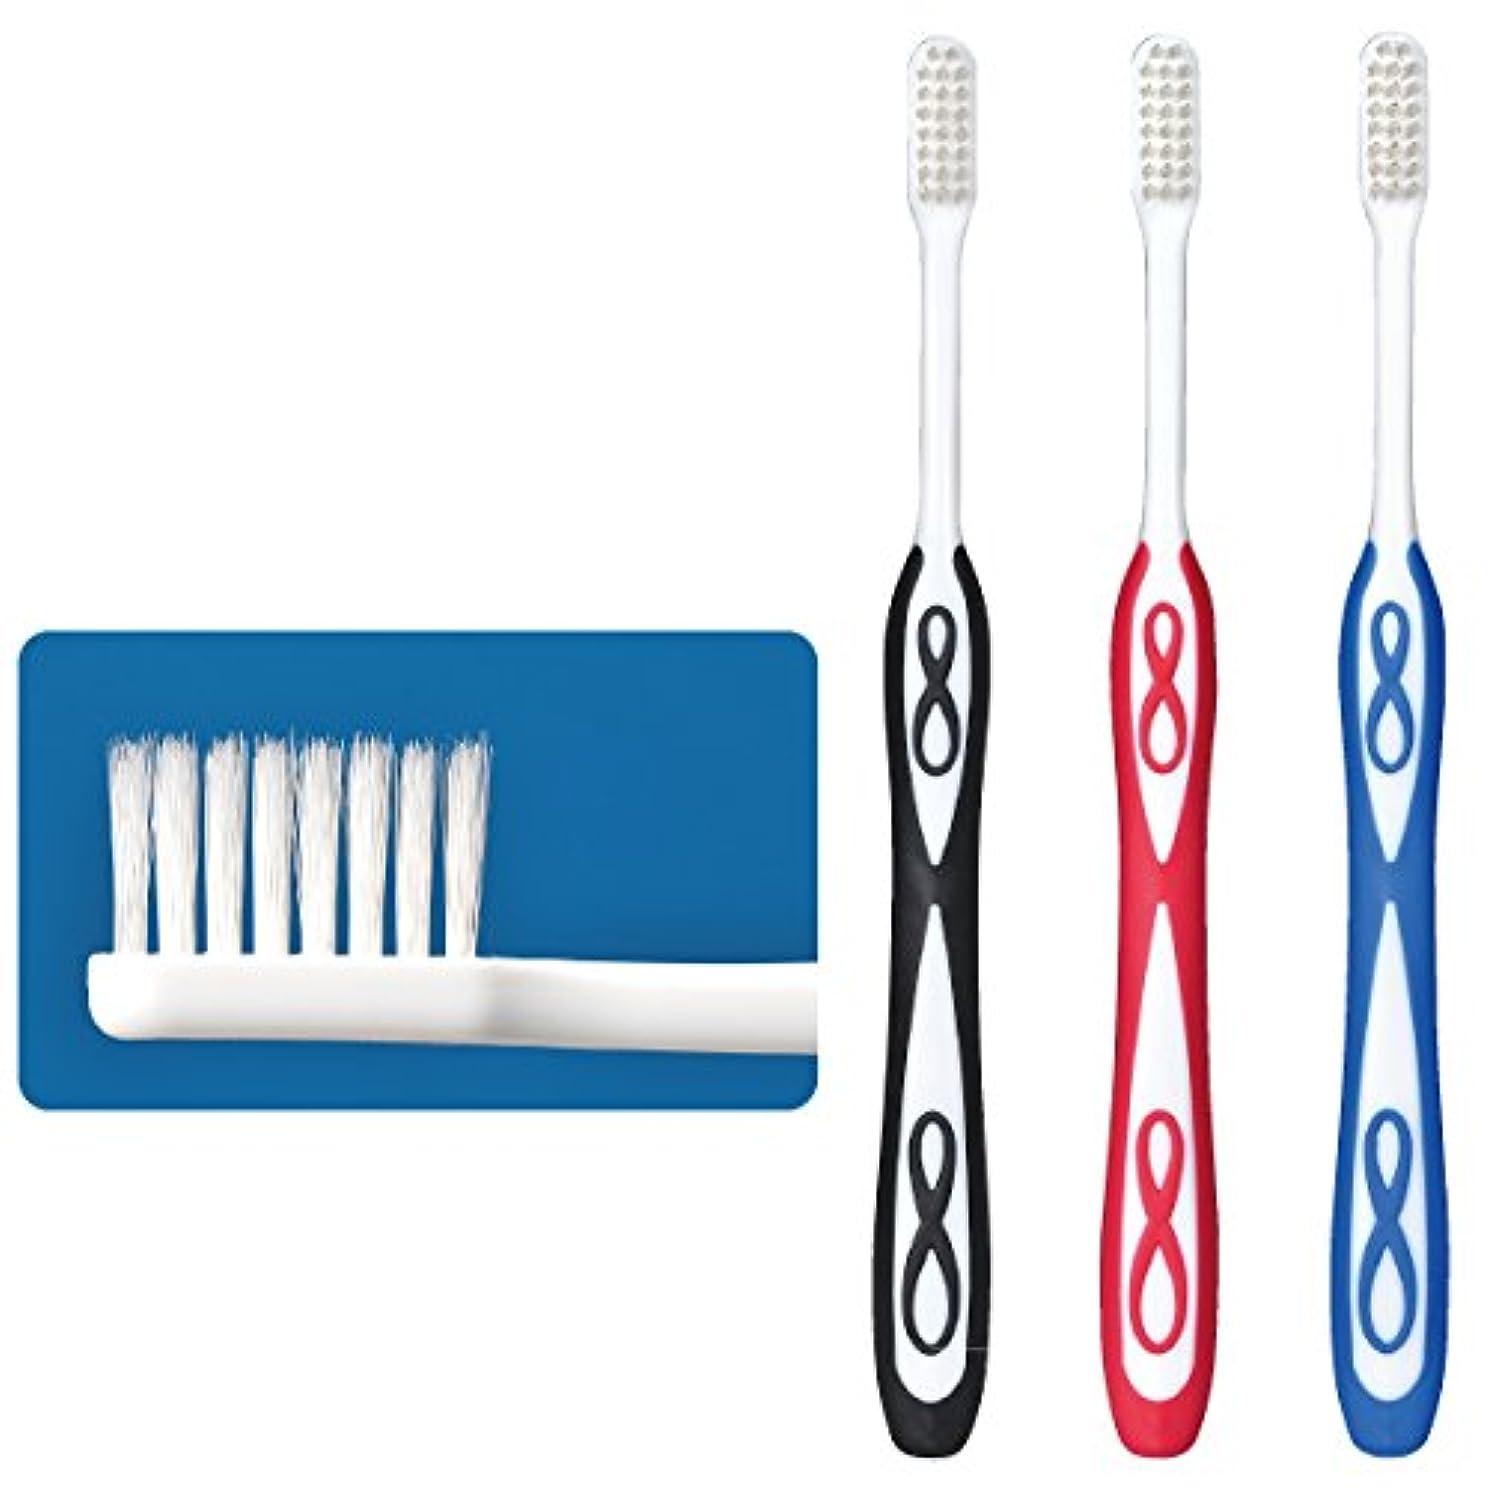 セラフ自分の力ですべてをするシンボルLover8(ラバーエイト)歯ブラシ レギュラータイプ オールテーパー毛 Mふつう 3本入